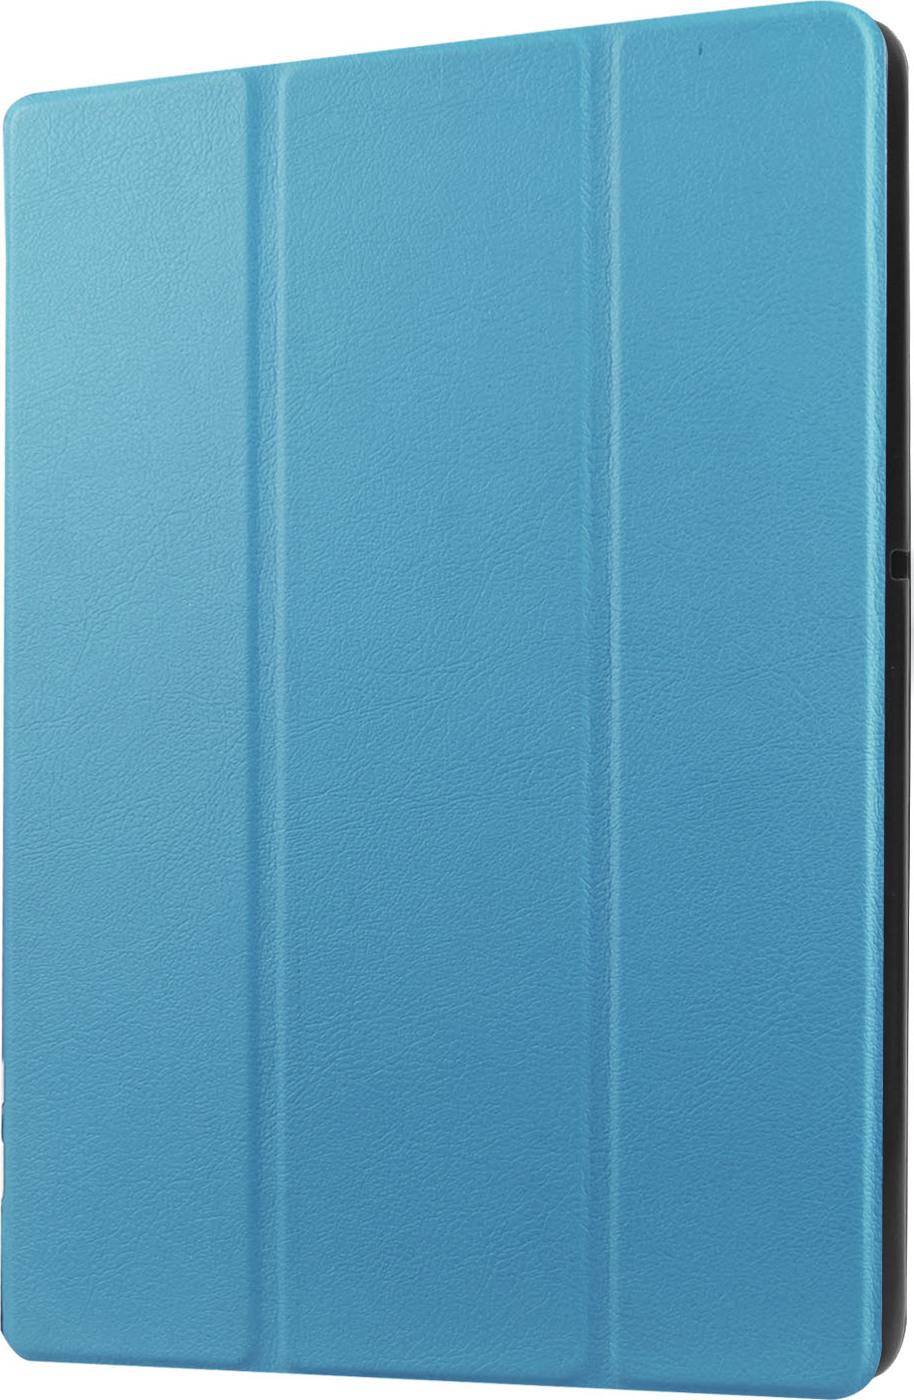 Чехол-обложка MyPads для Samsung Galaxy Tab S 10.5 тонкий умный кожаный на пластиковой основе с трансформацией в подставку бирюзовый